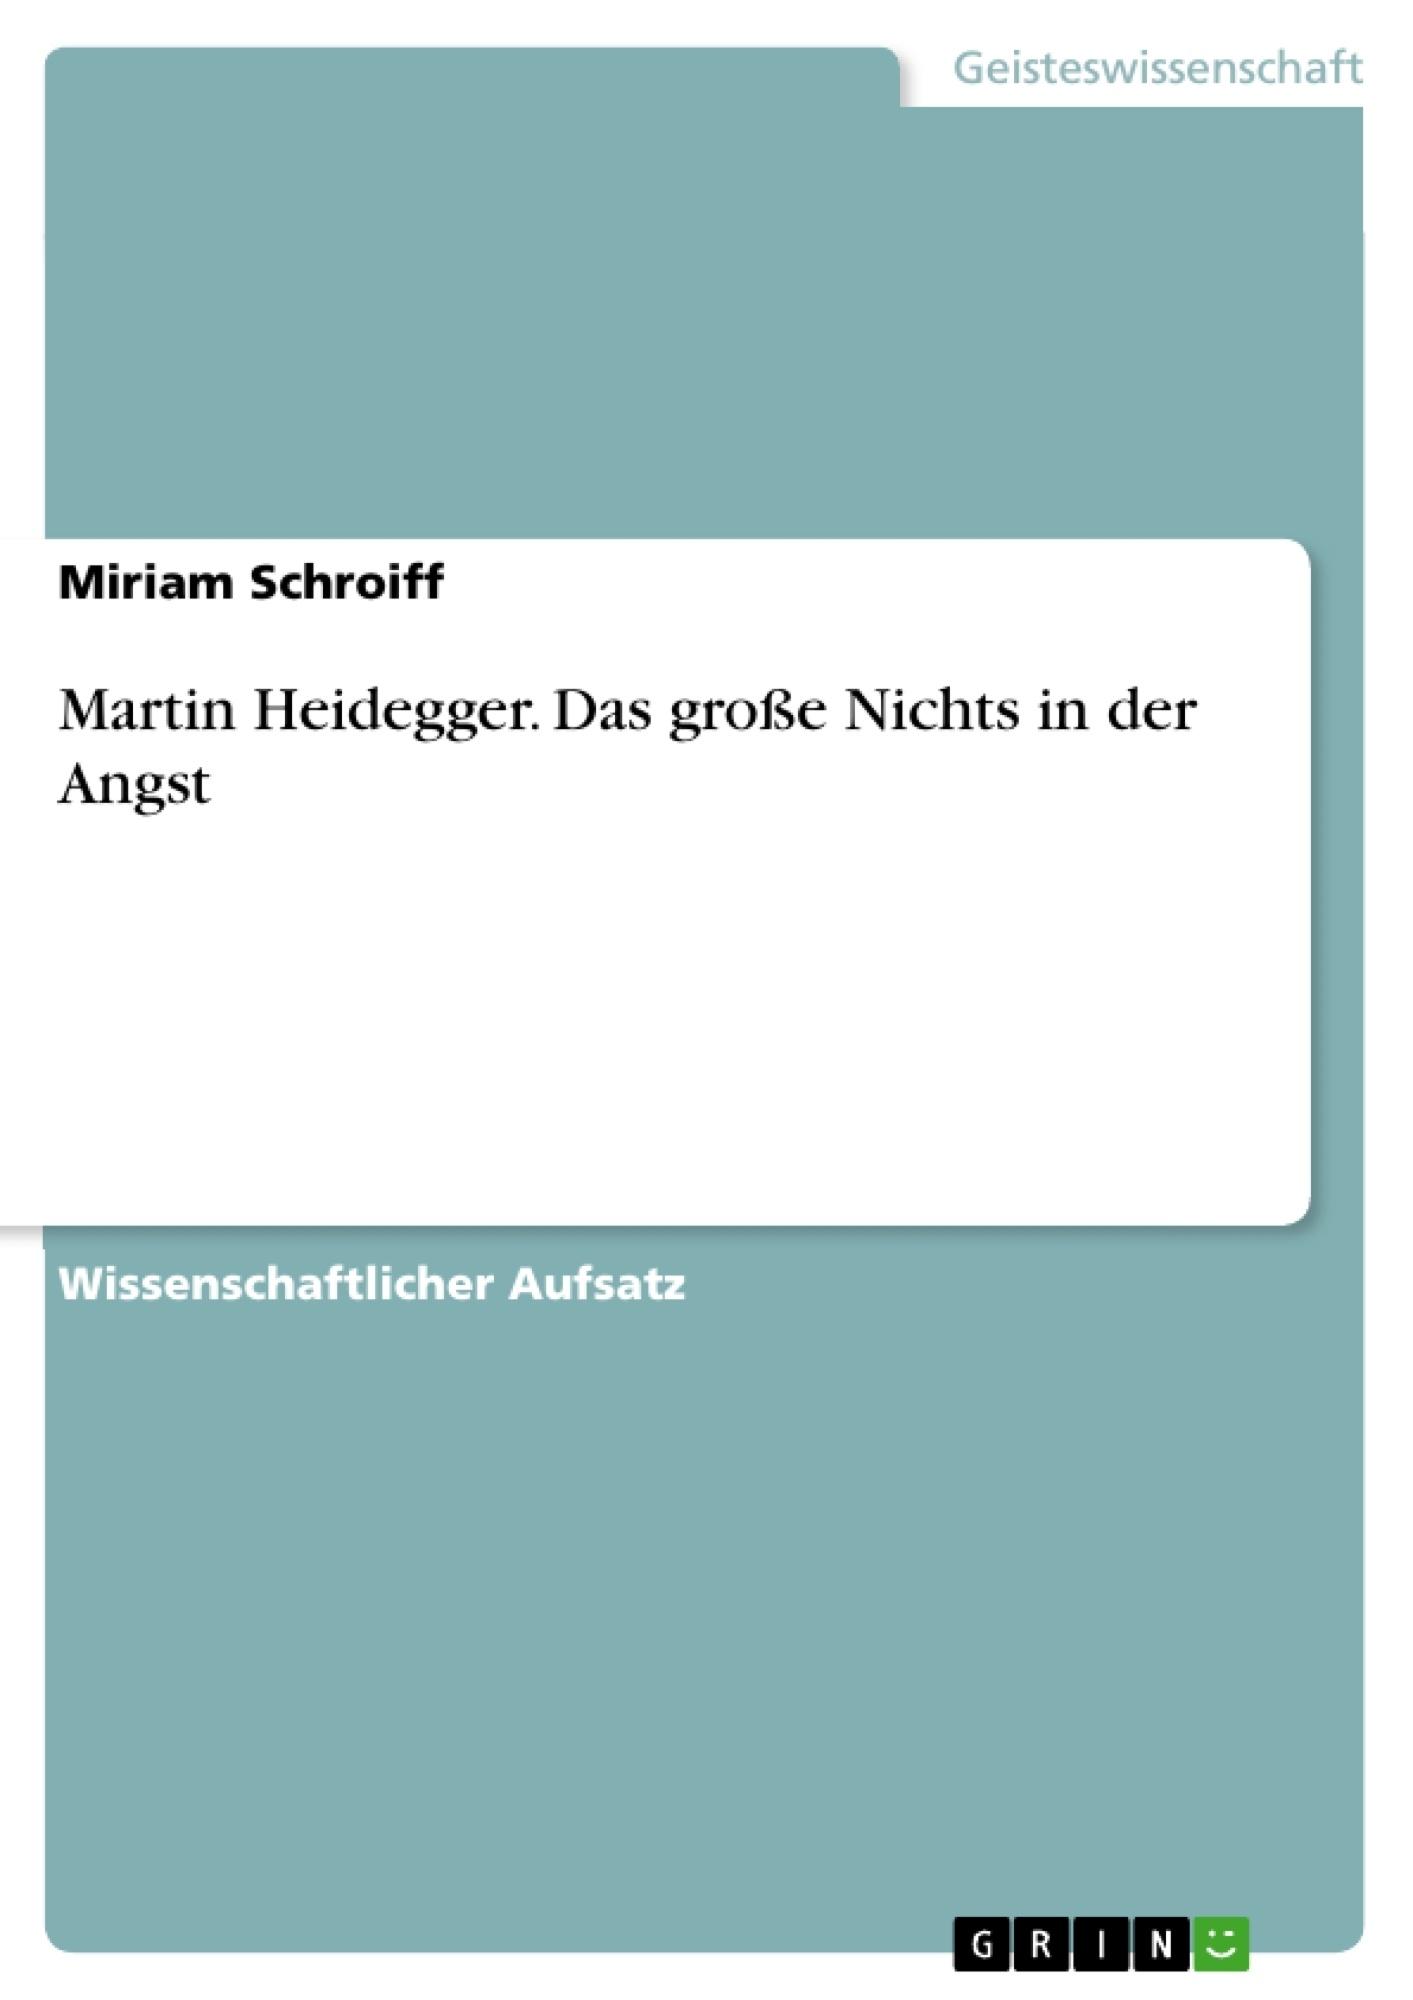 Titel: Martin Heidegger. Das große Nichts in der Angst